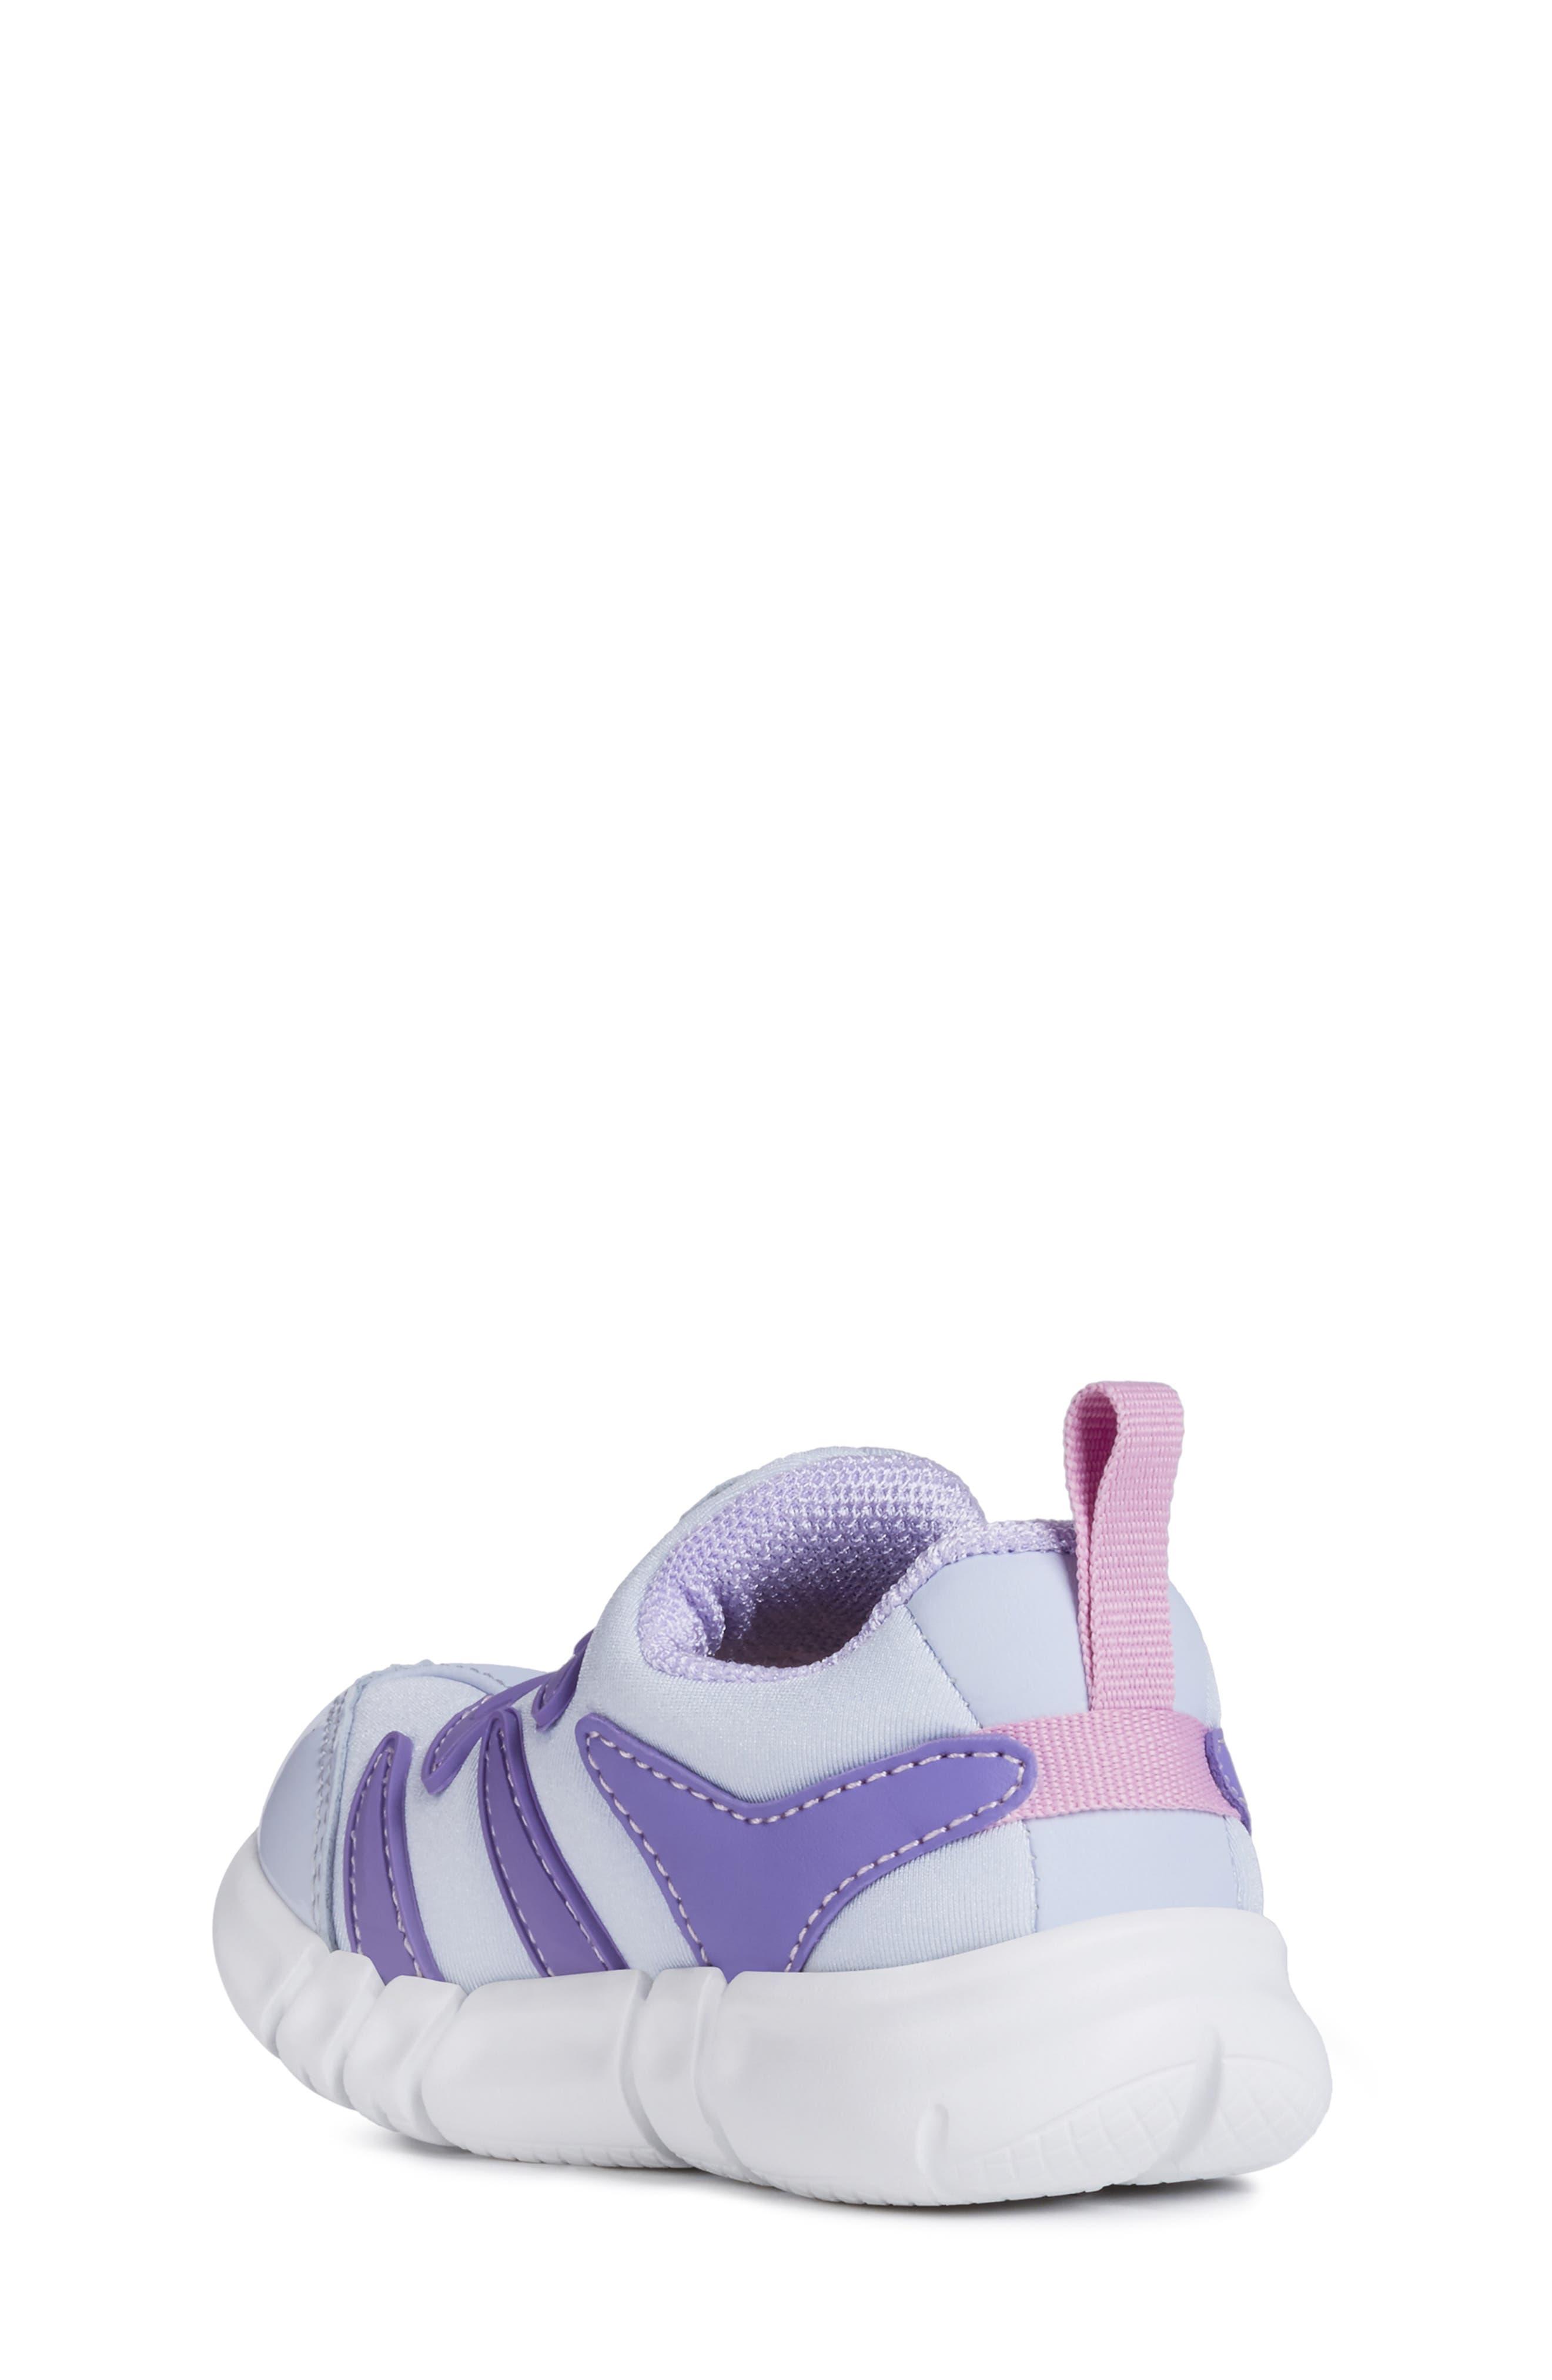 Flexyper Sneaker,                             Alternate thumbnail 2, color,                             SOFT SKY